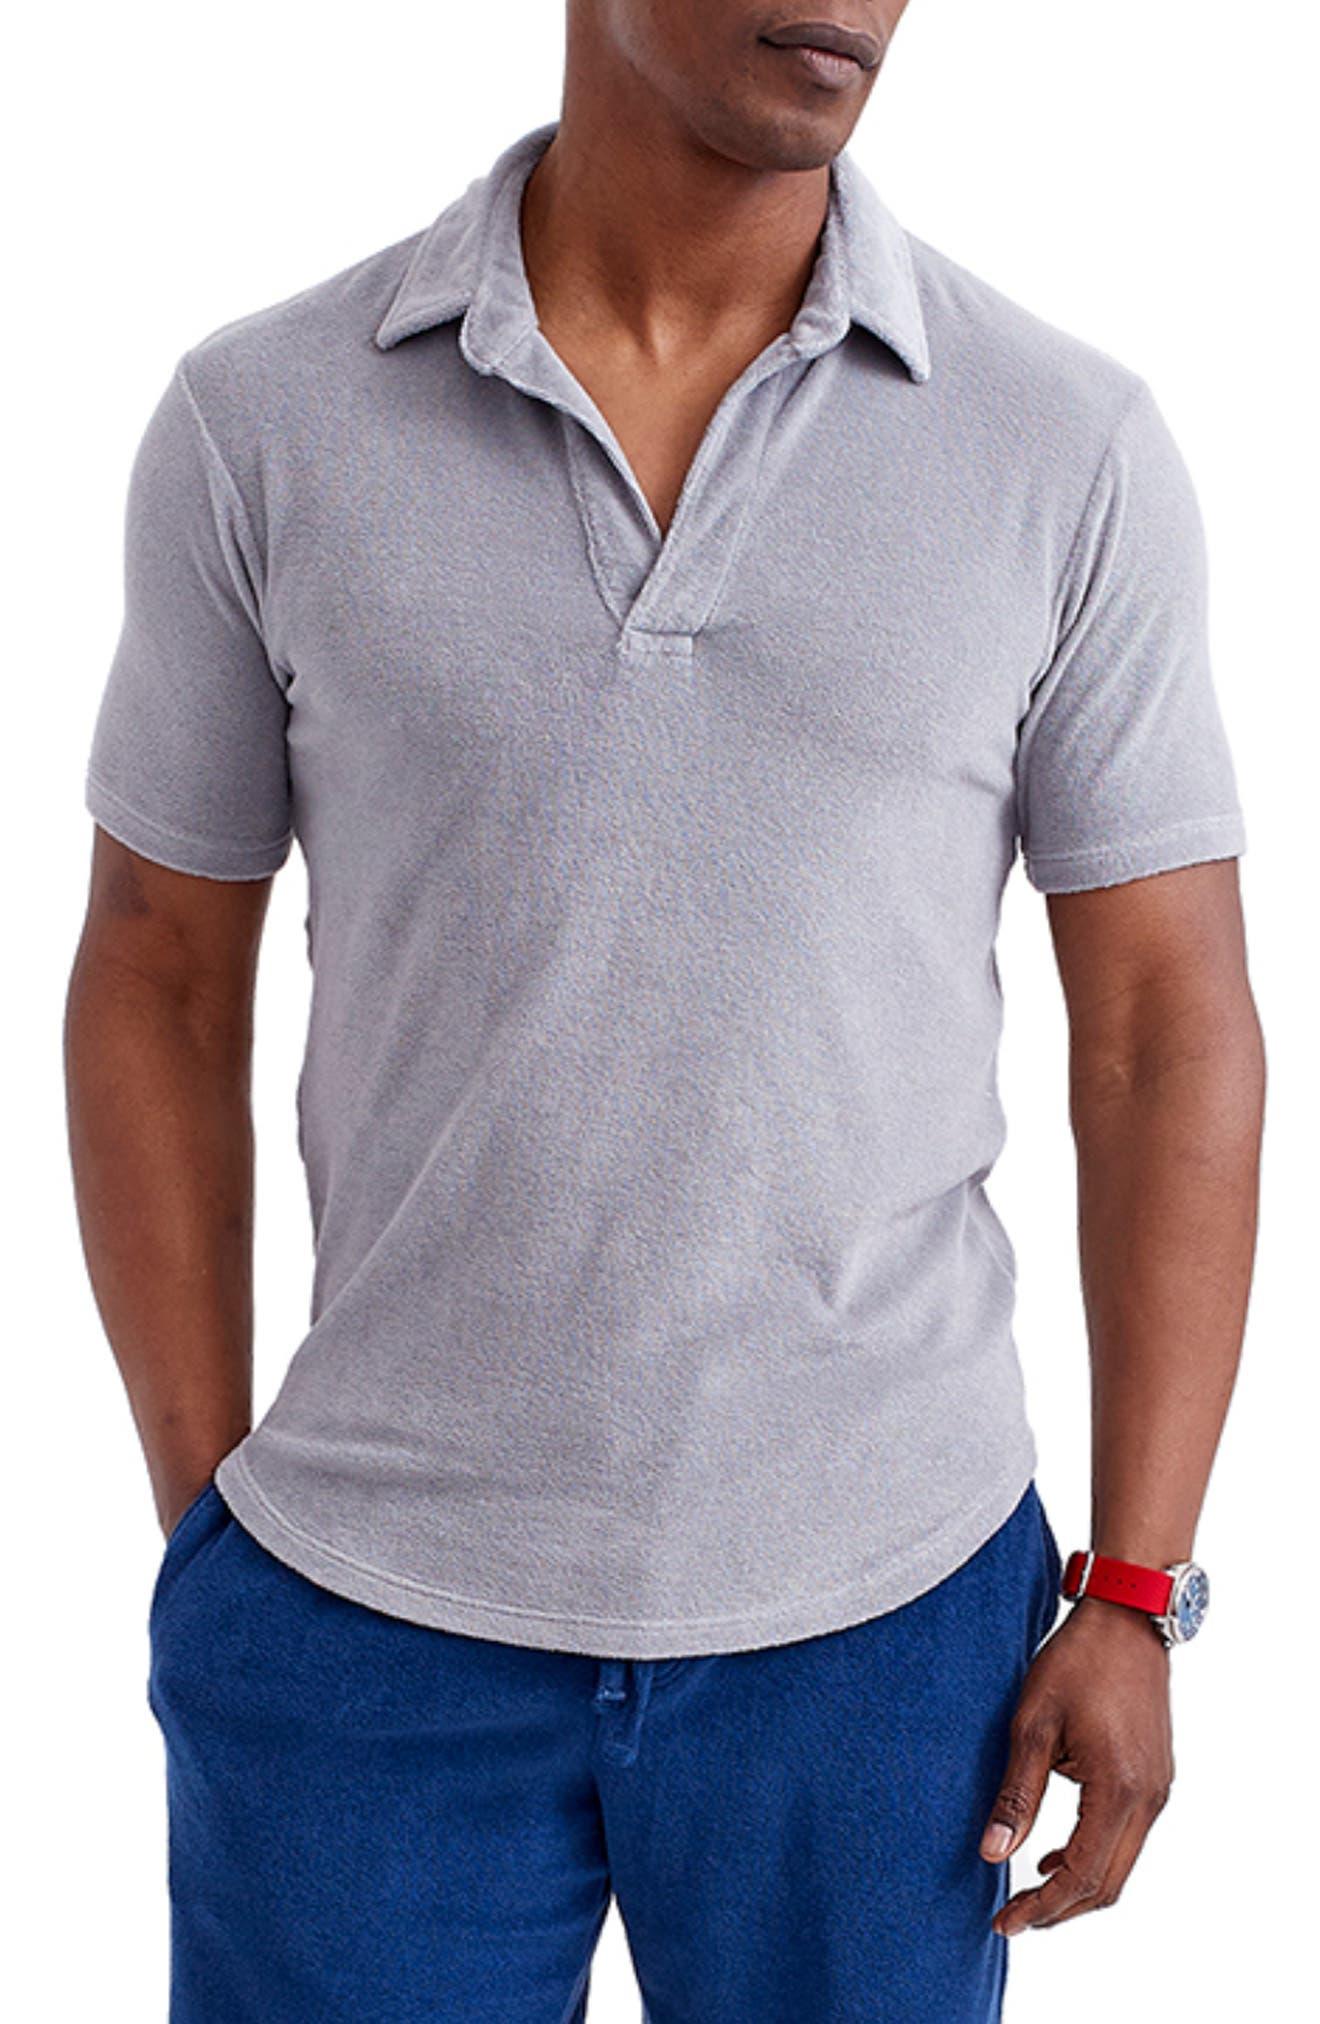 Terry Cloth Polo